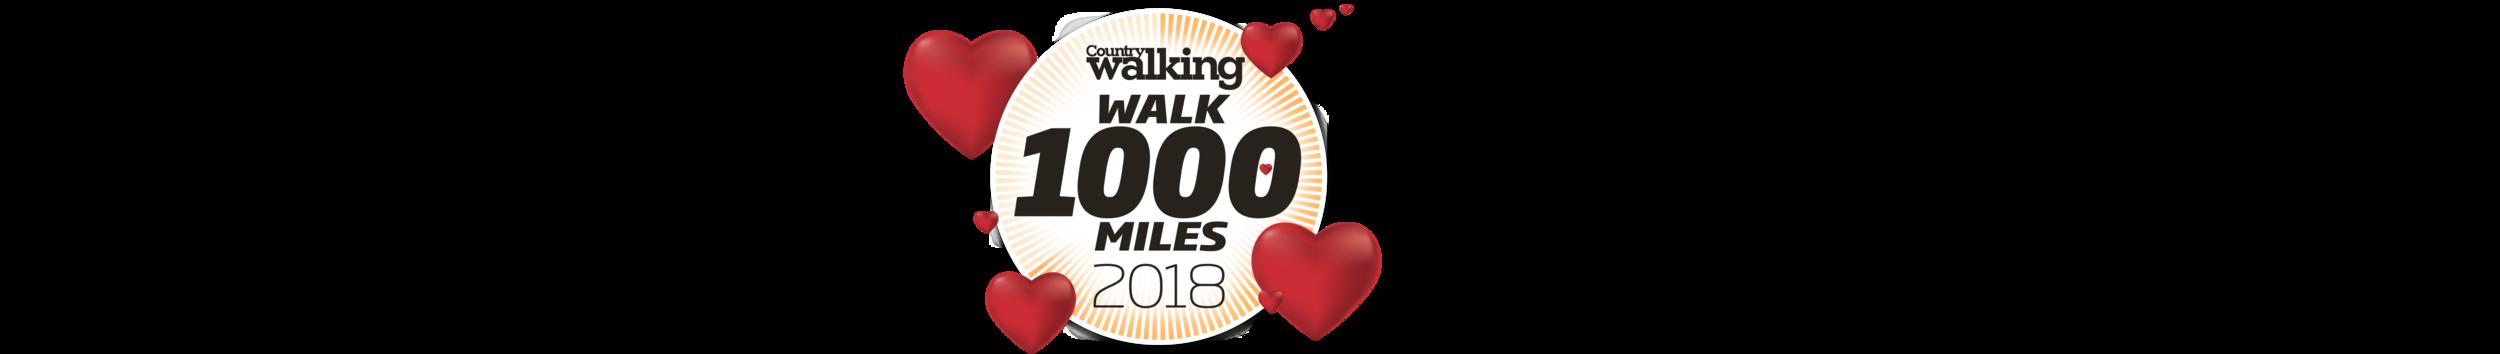 Walk 1000miles 2018 hearts logo.png